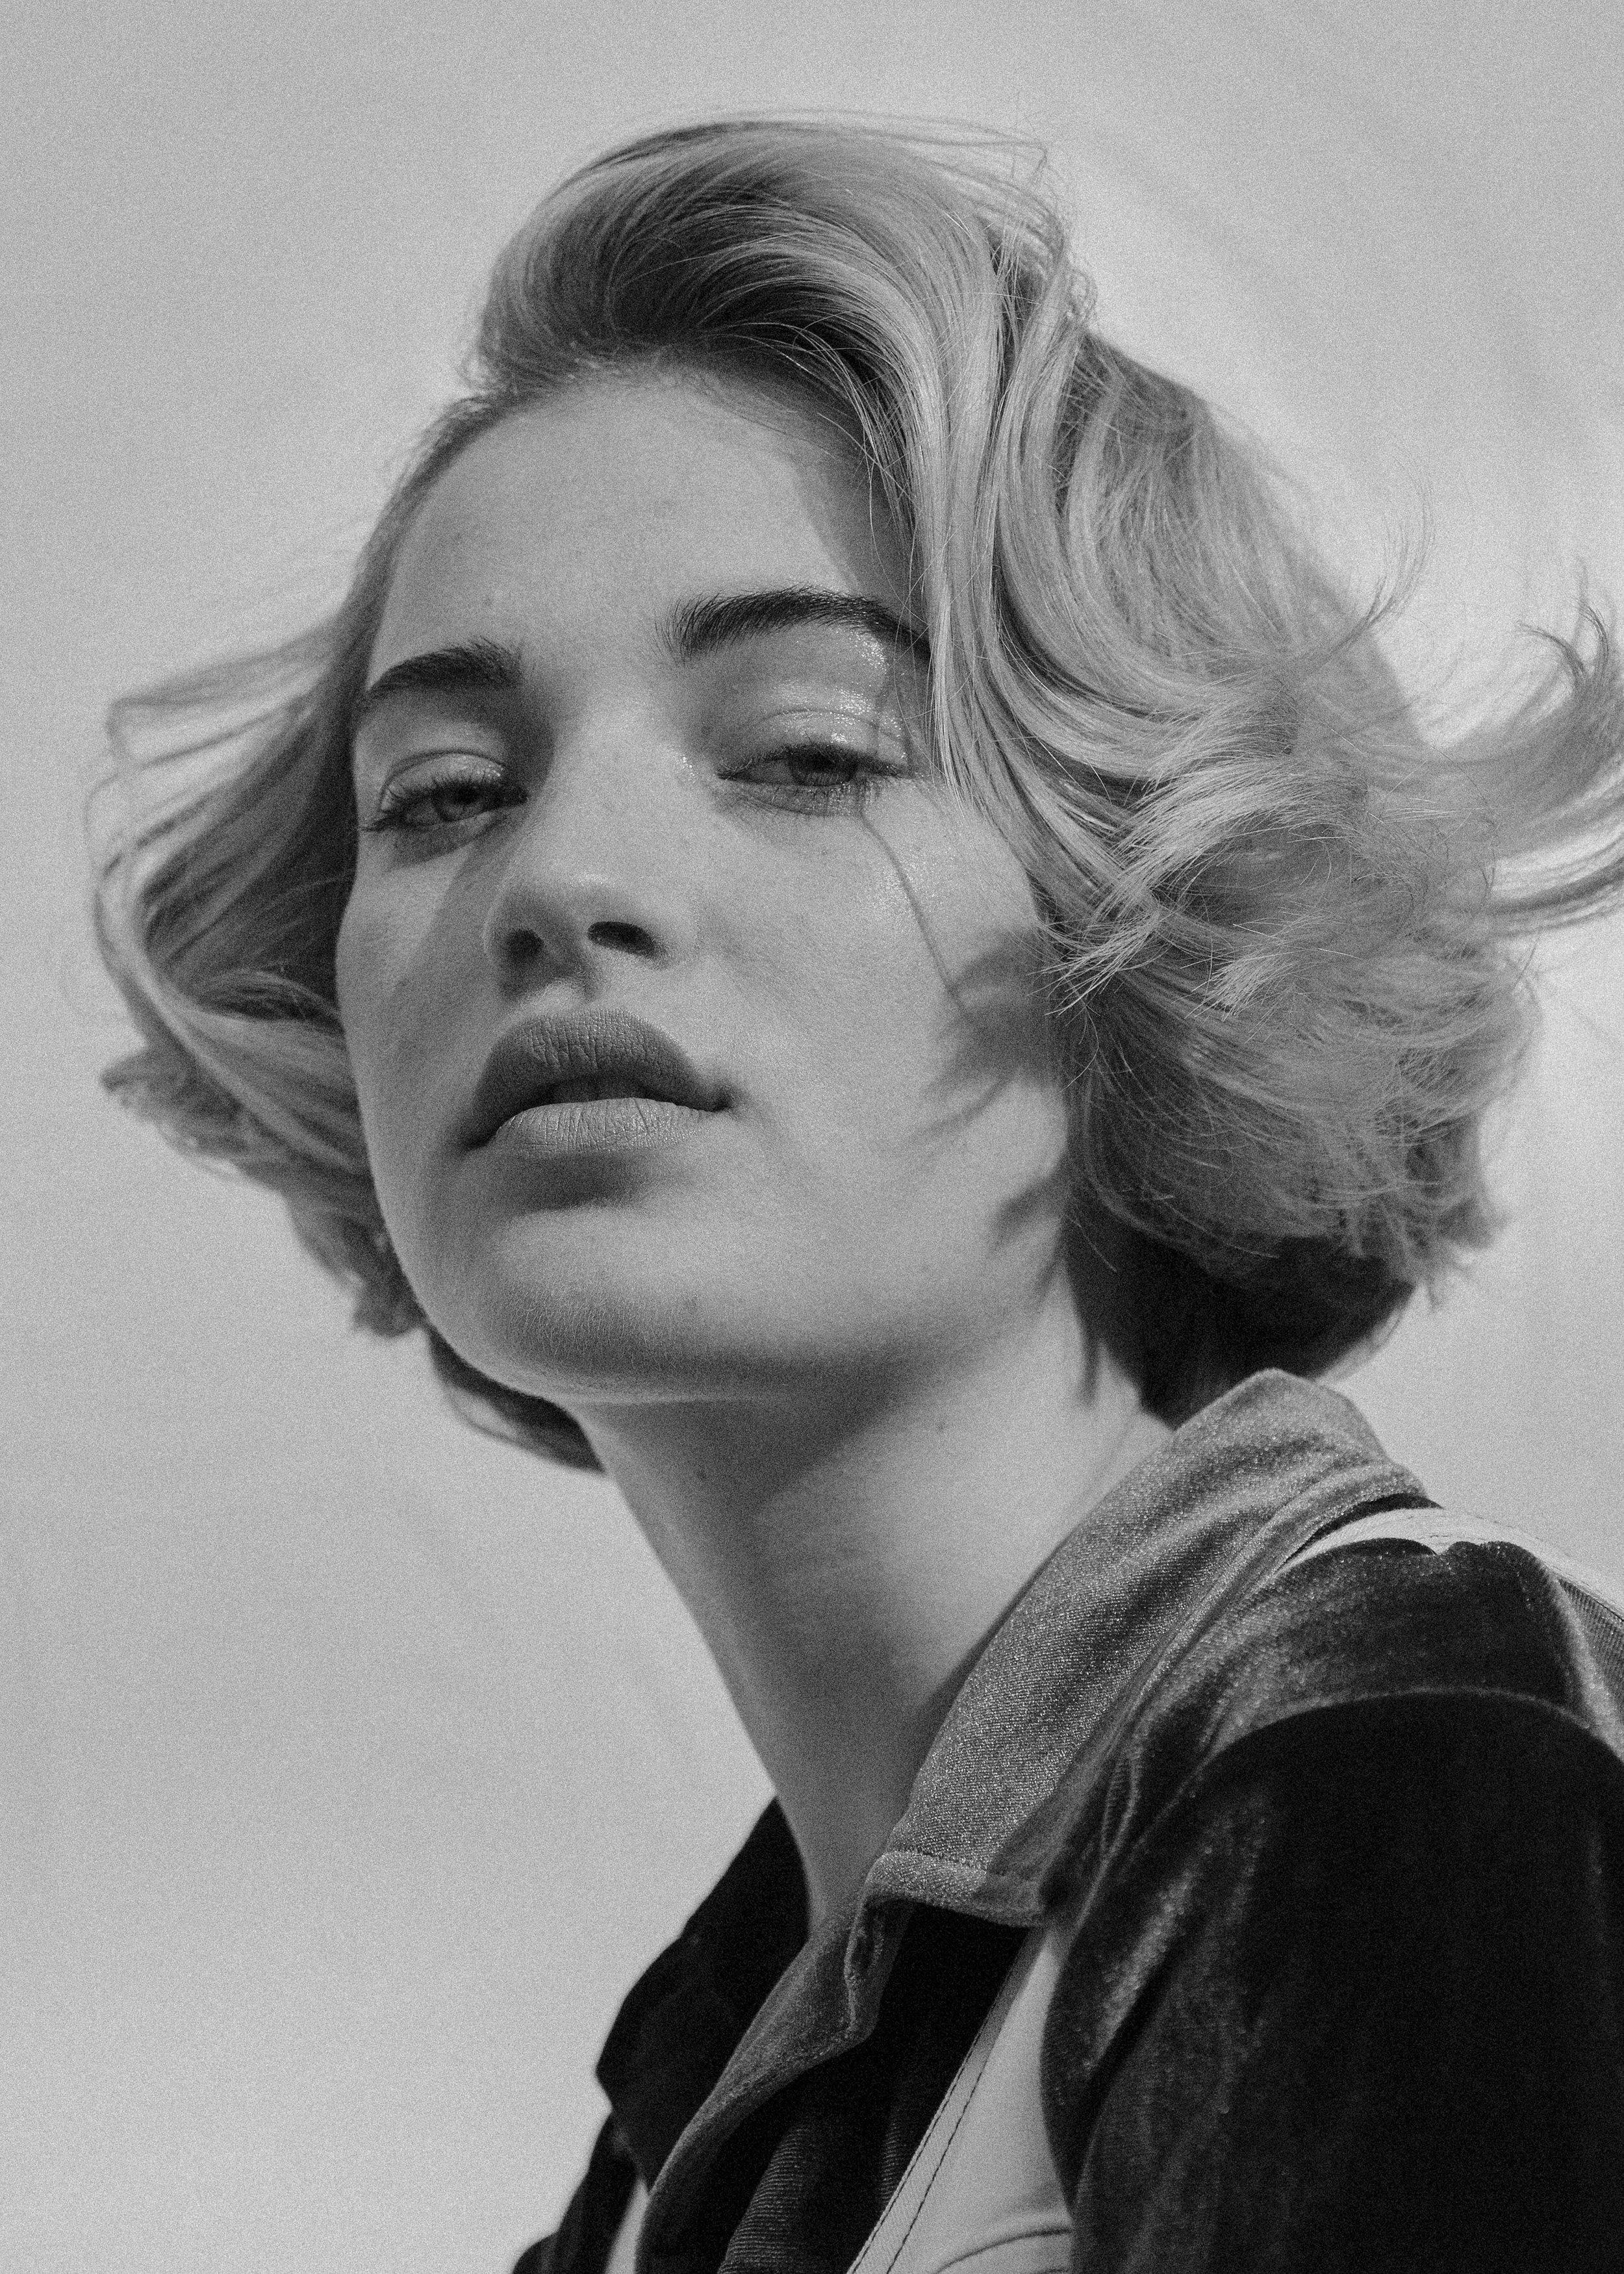 Nadia Ryder